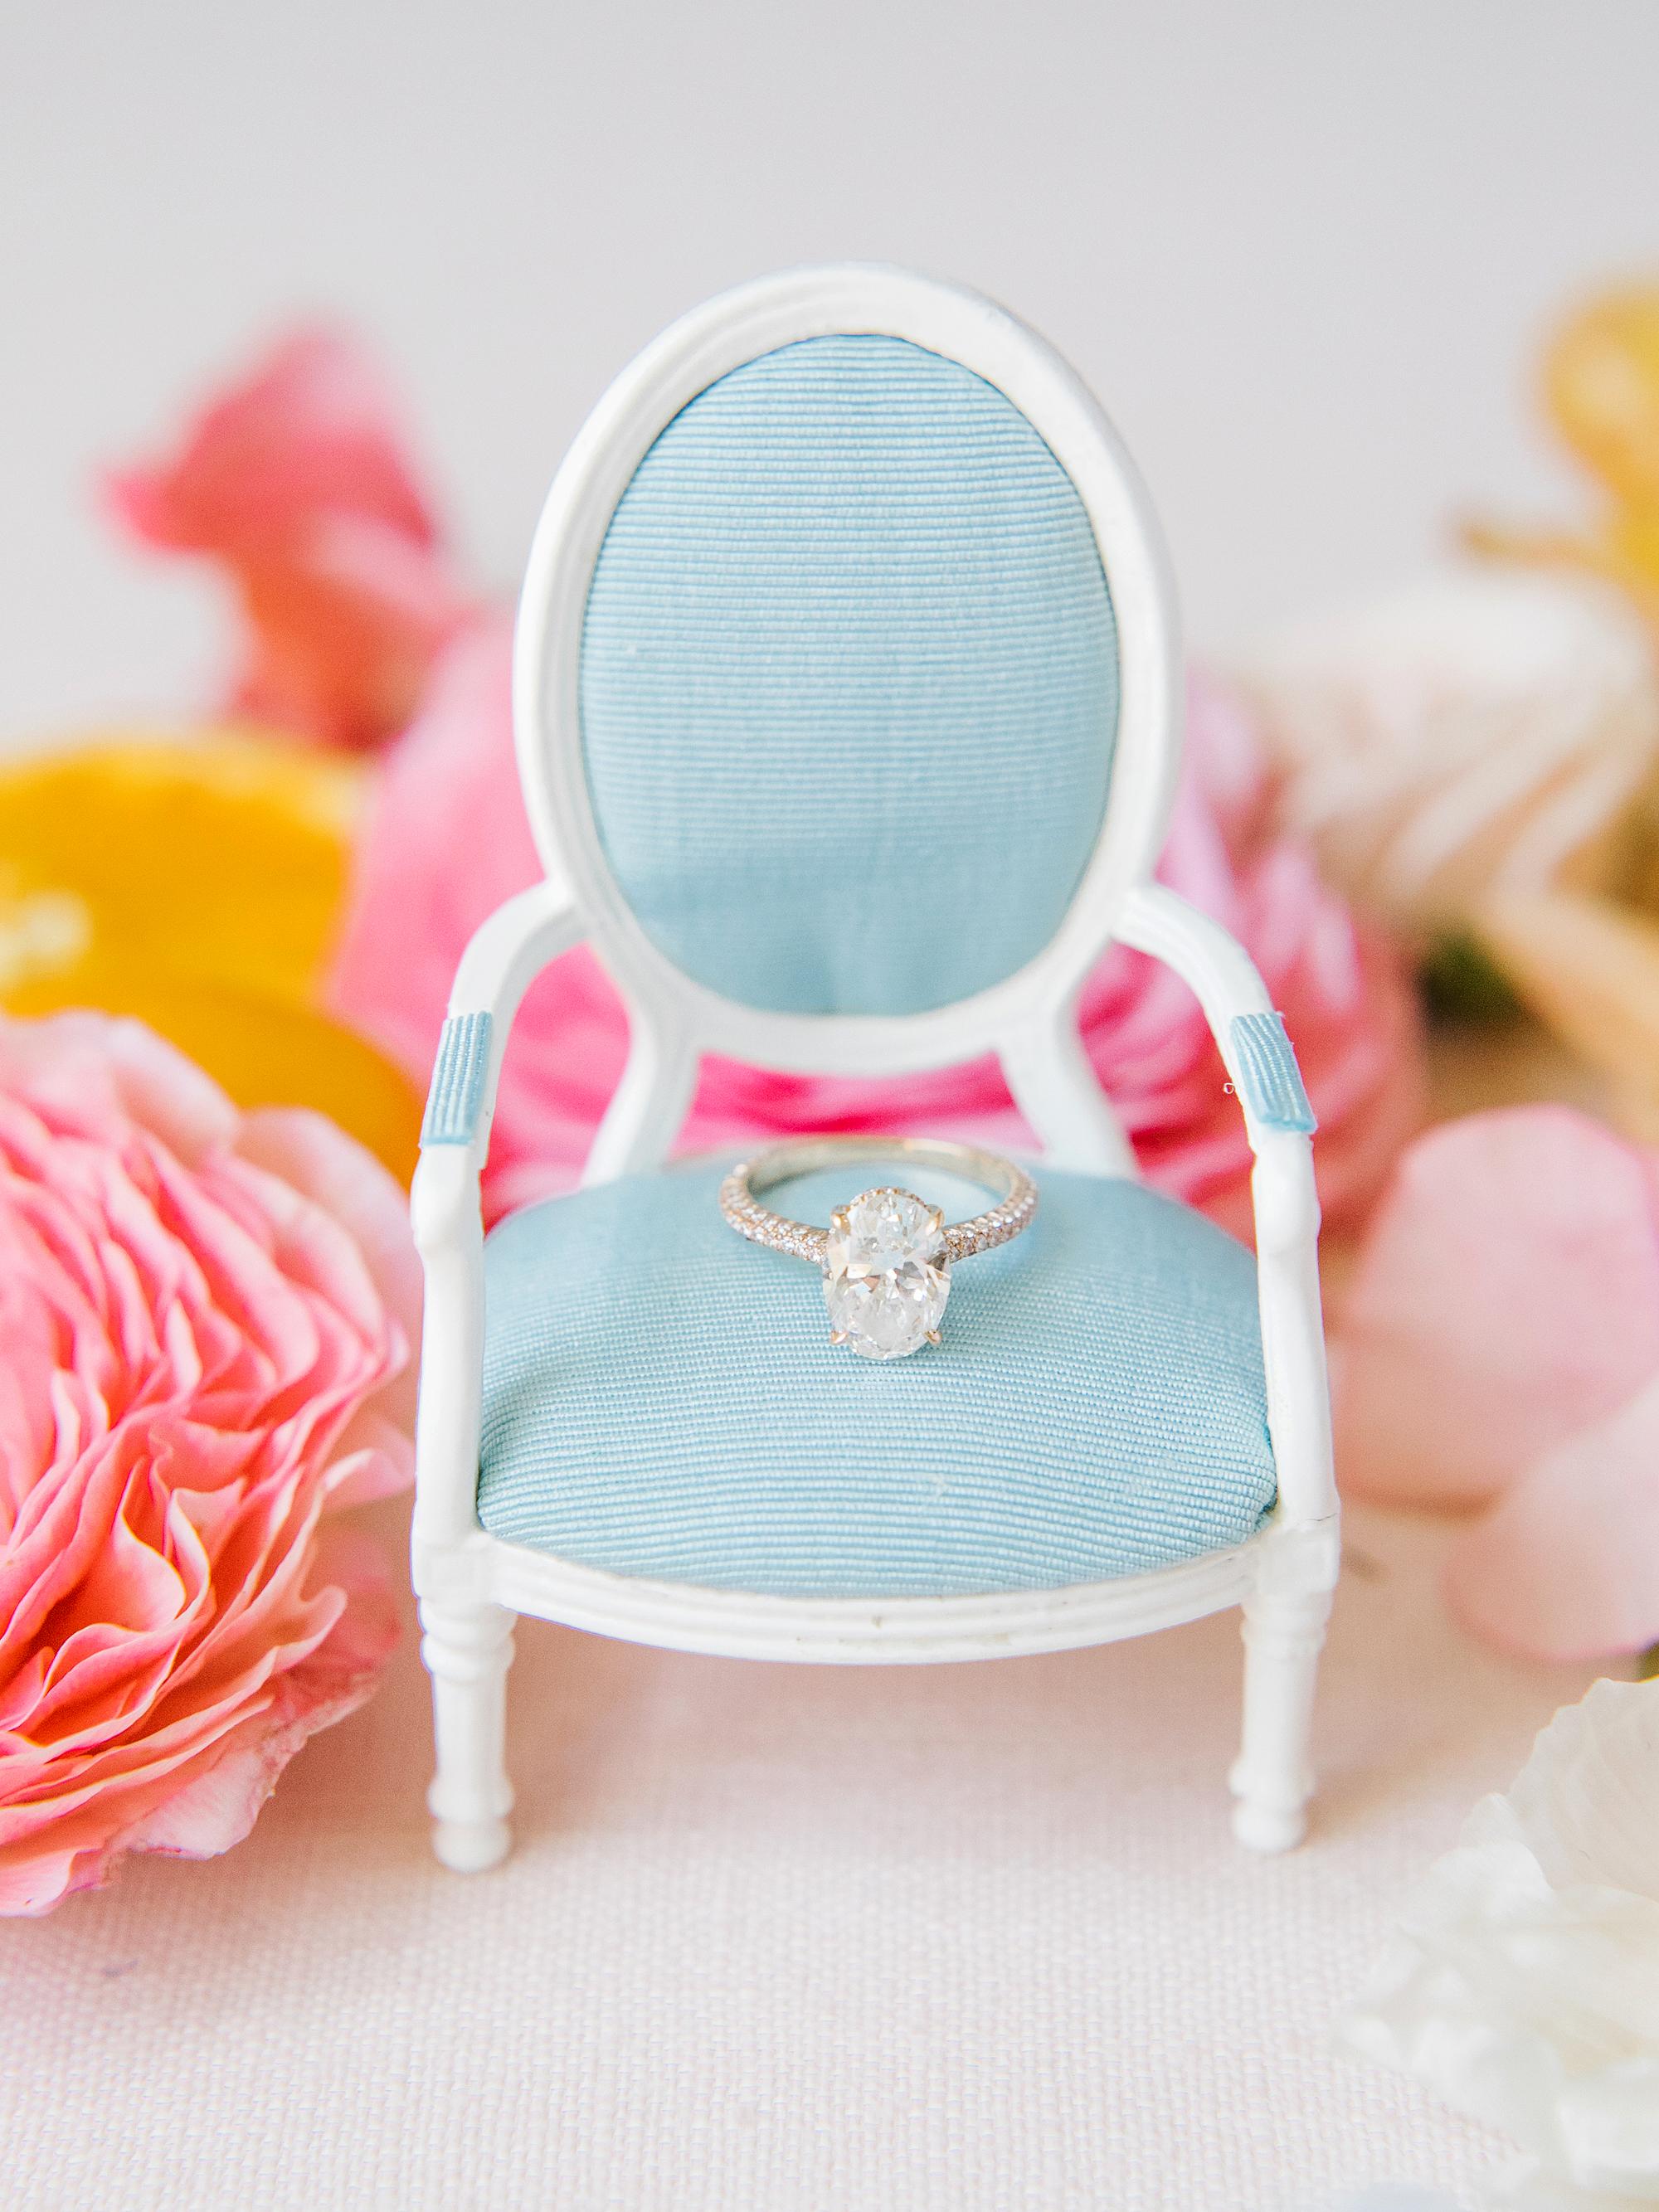 cavin david wedding diamond ring